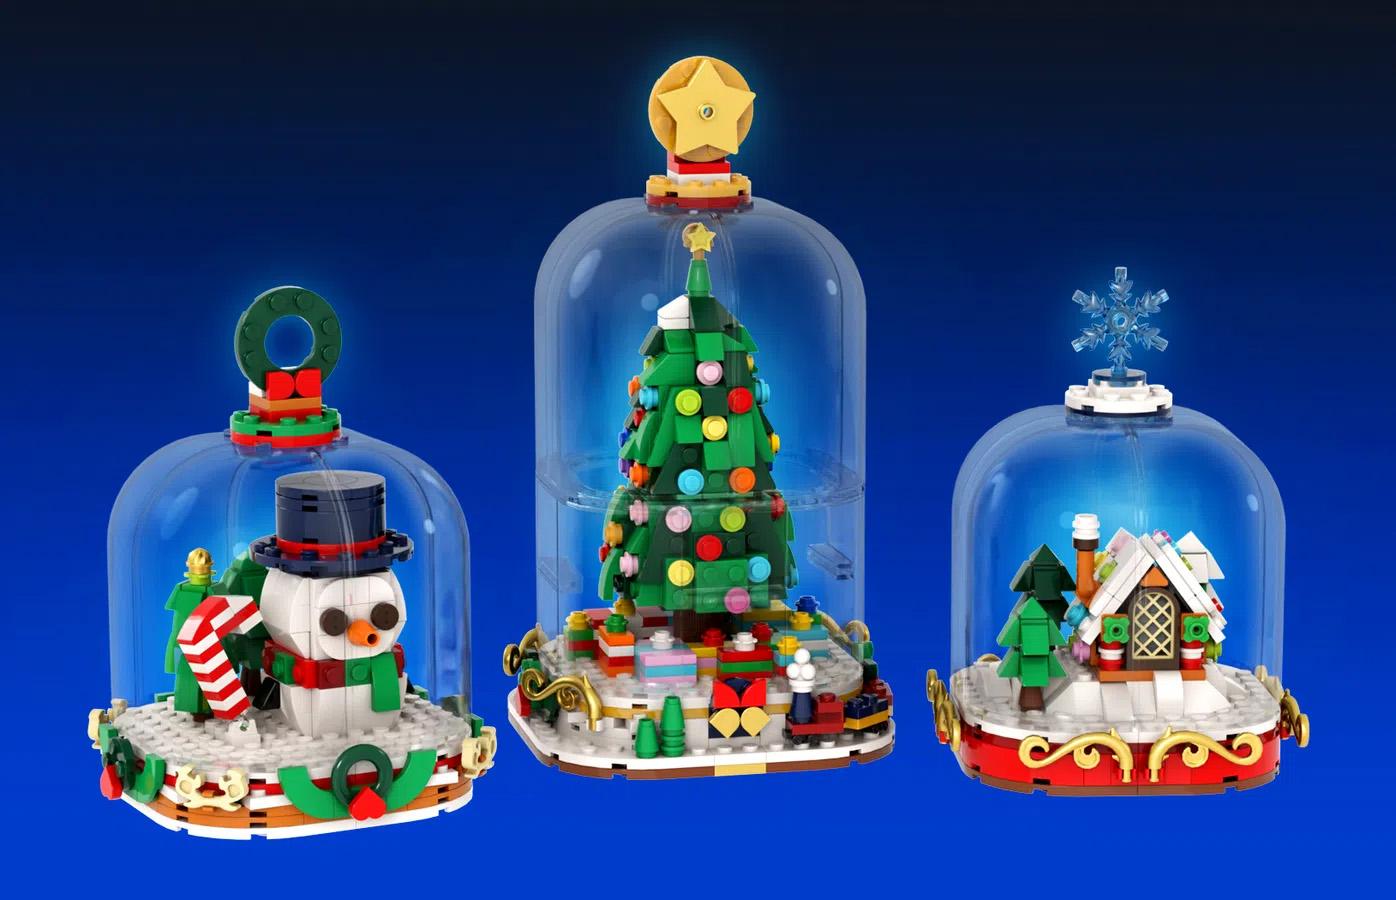 レゴアイデアで『冬のスノードーム』が製品化レビュー進出!2021年第1回1万サポート獲得デザイン紹介